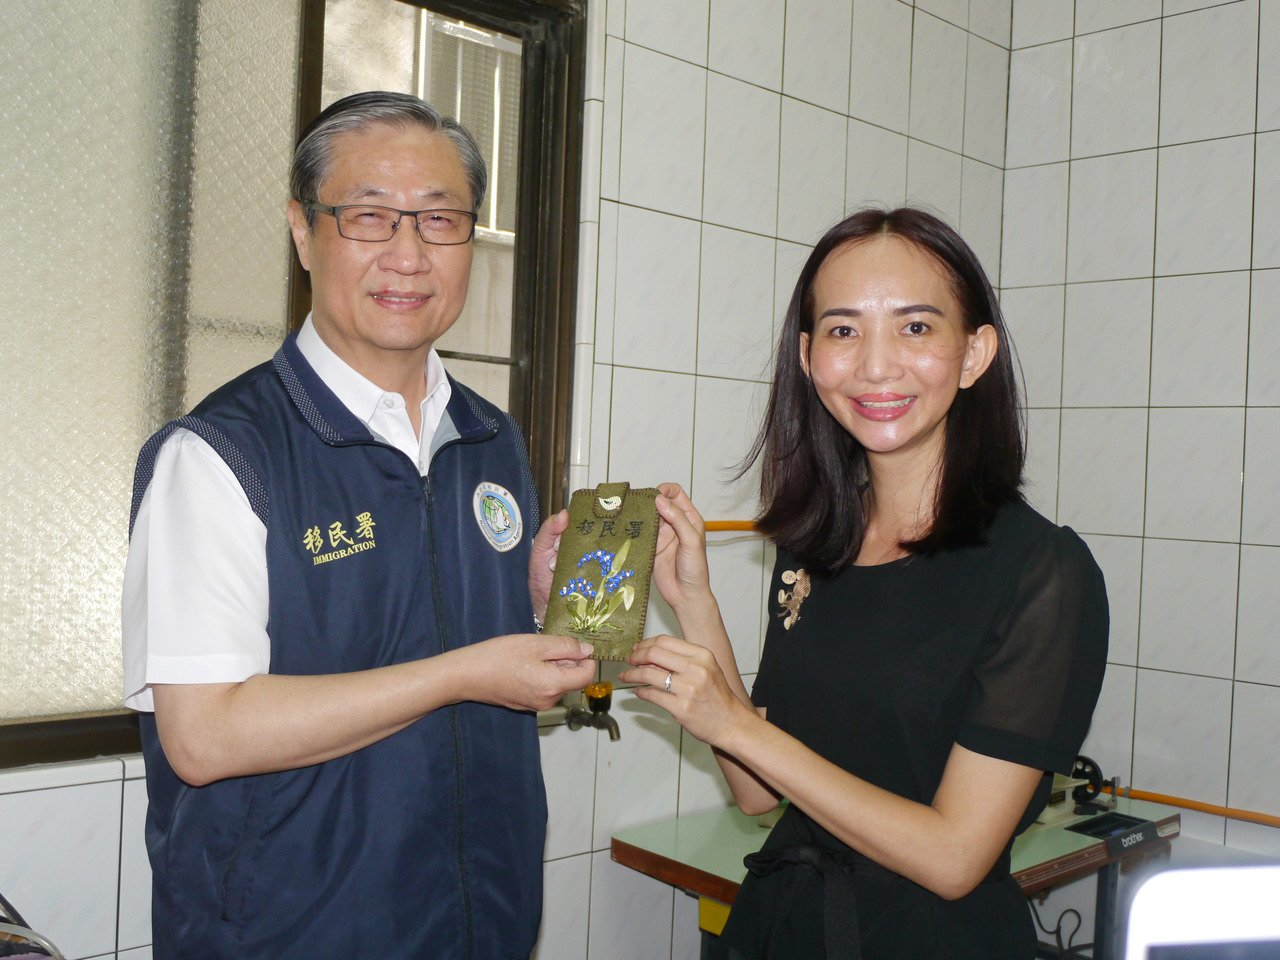 移民署副署長鐘景琨(左)南下訪視,越南籍新住民陳黃燕(右)贈送手作手機袋,感謝移...